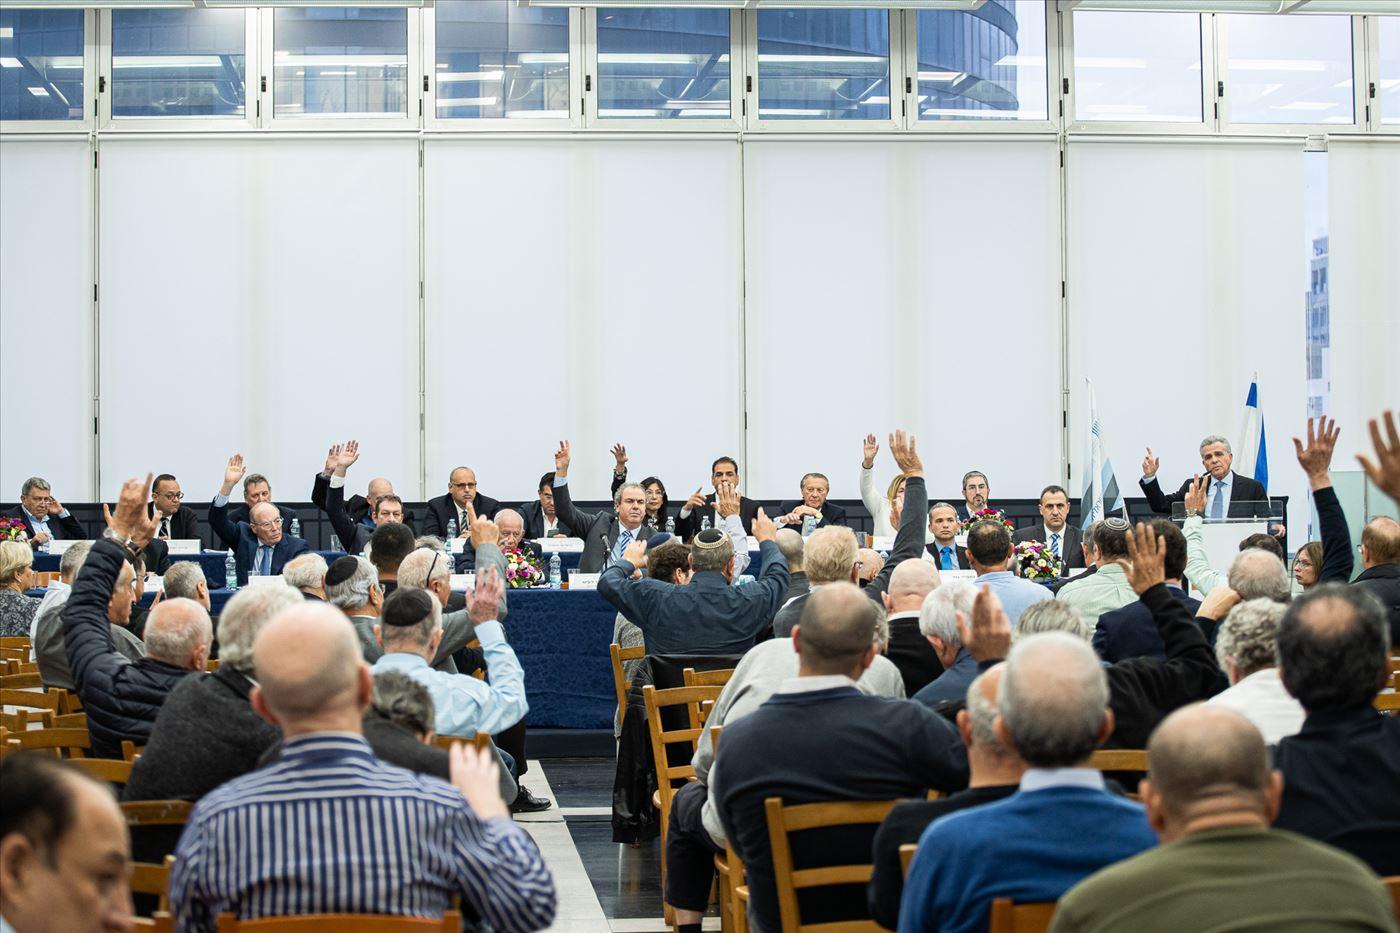 גלרייה - האסיפה הכללית ה-70 תמונה 123 מתוך 239